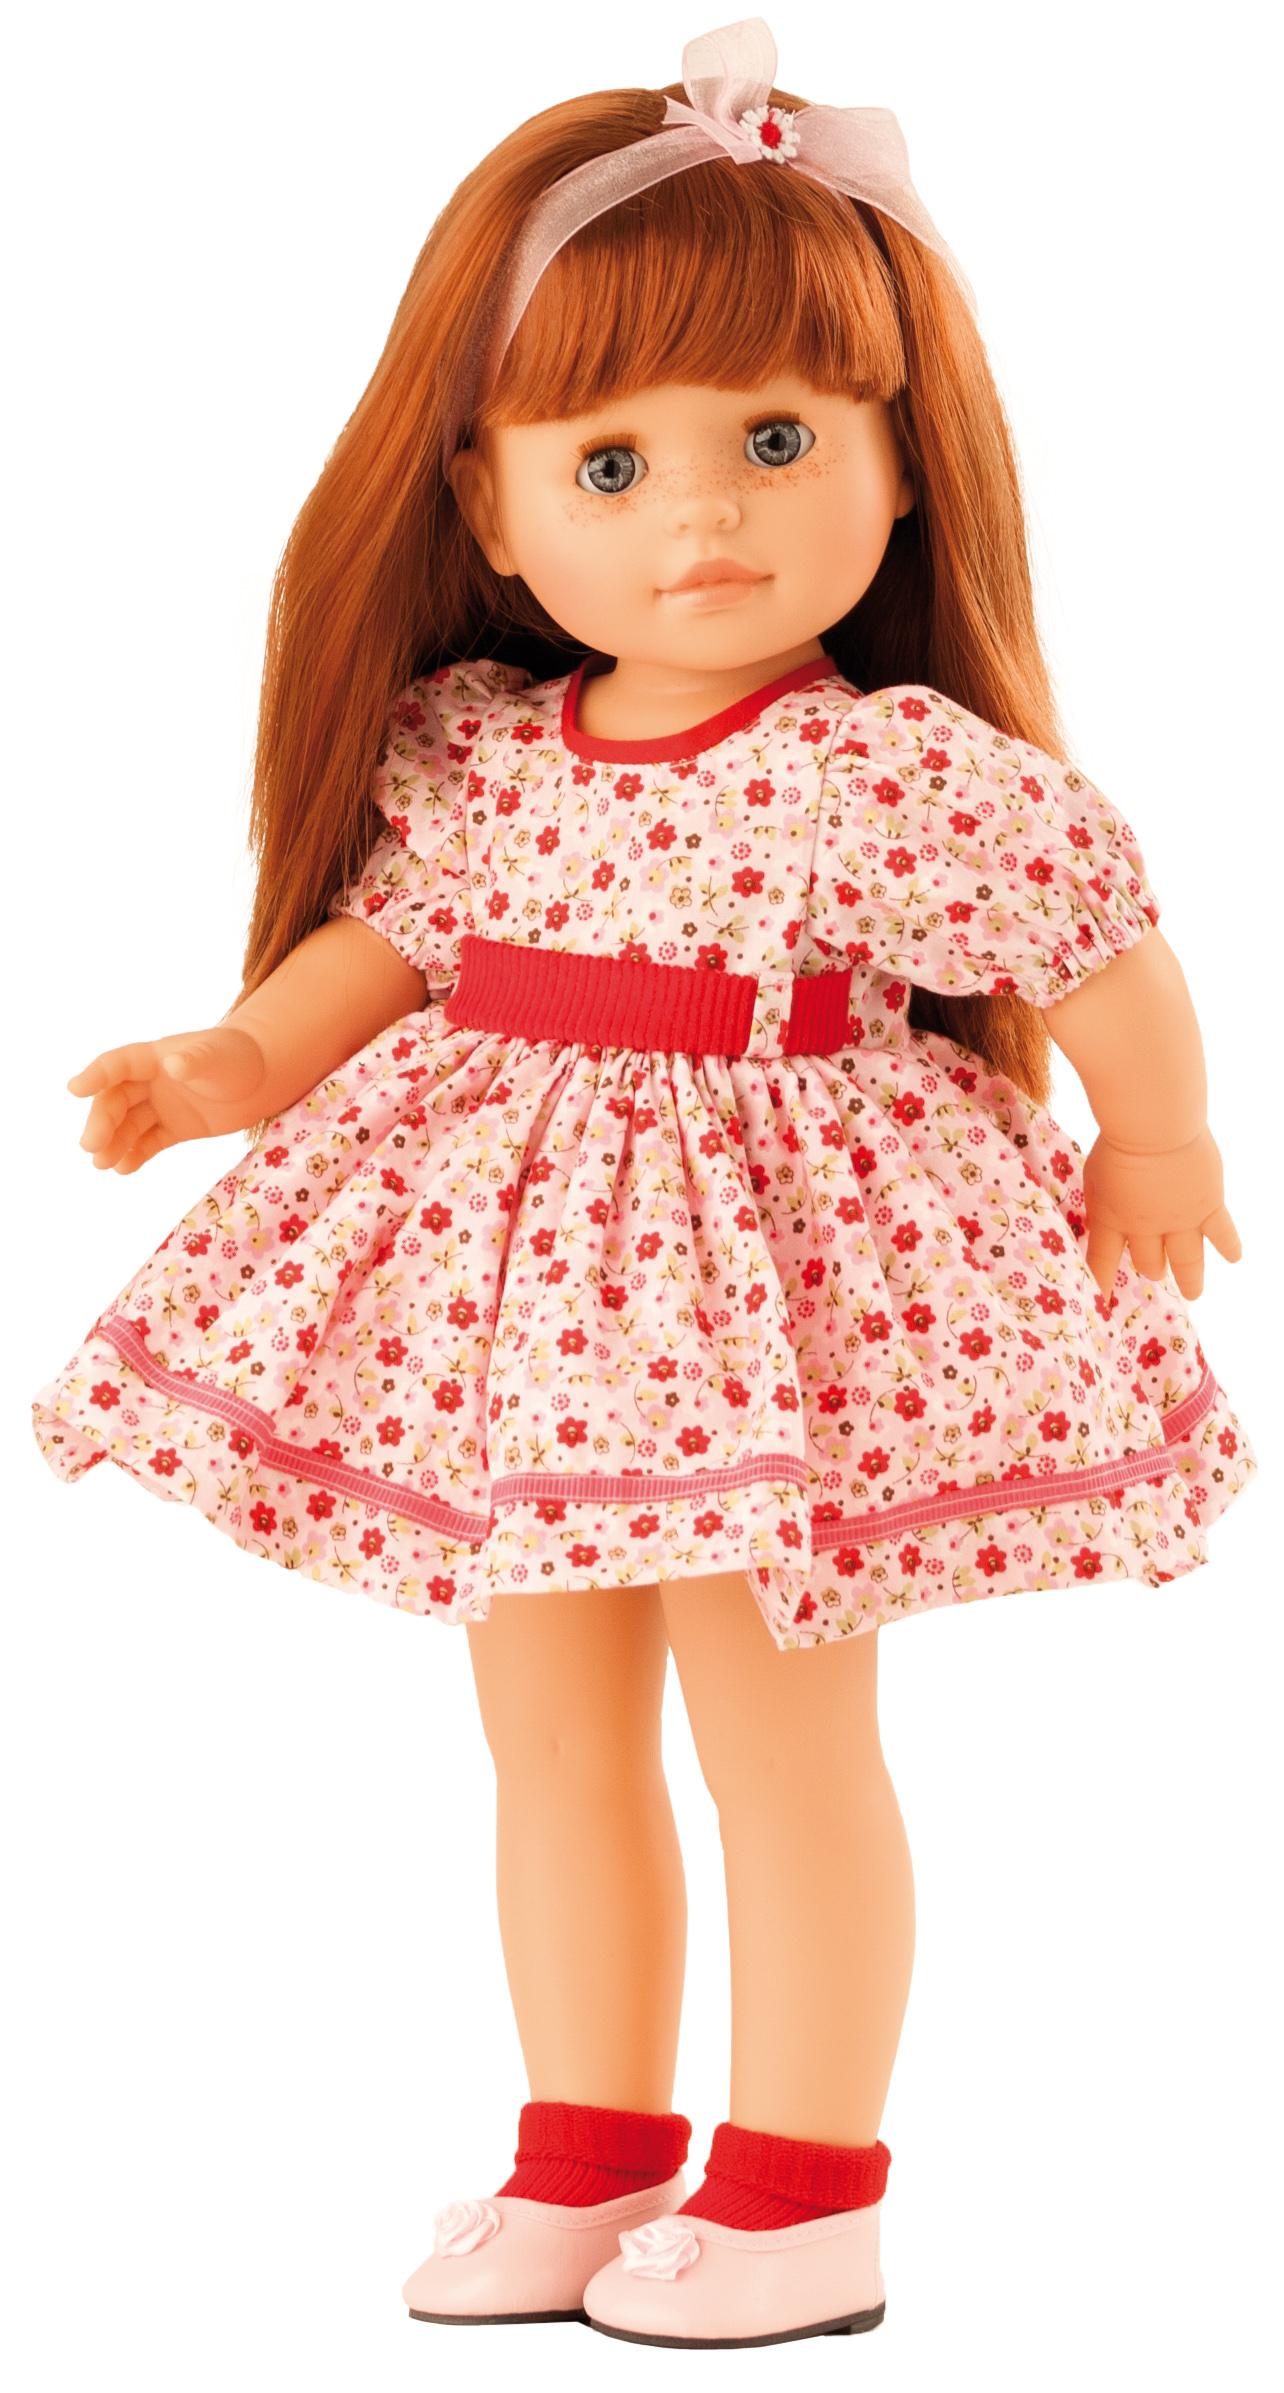 Realistická panenka Becca v letních šatech (Doprava zdarma)